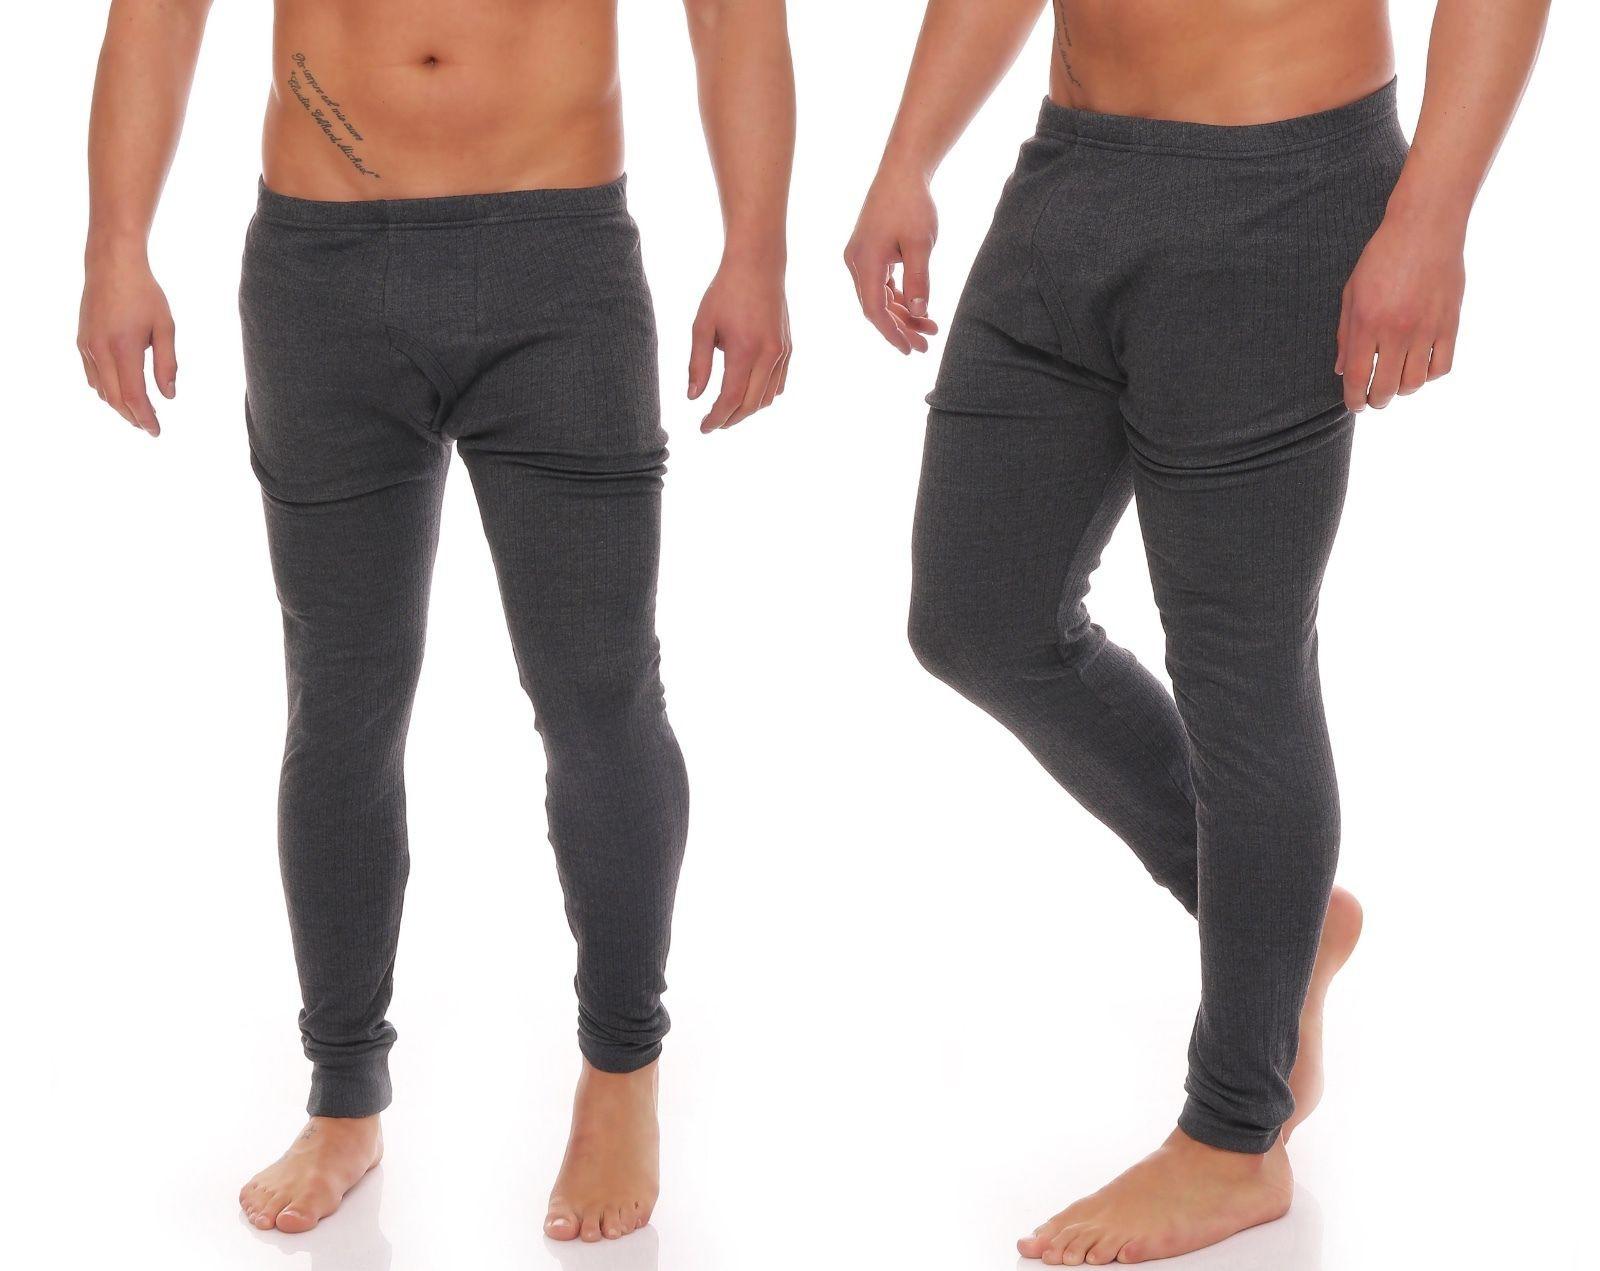 2c1c032b6cf81a Herren Thermo Unterwäsche als Set oder einzeln Hemd Hose Gr. 5 bis 10  lieferbar